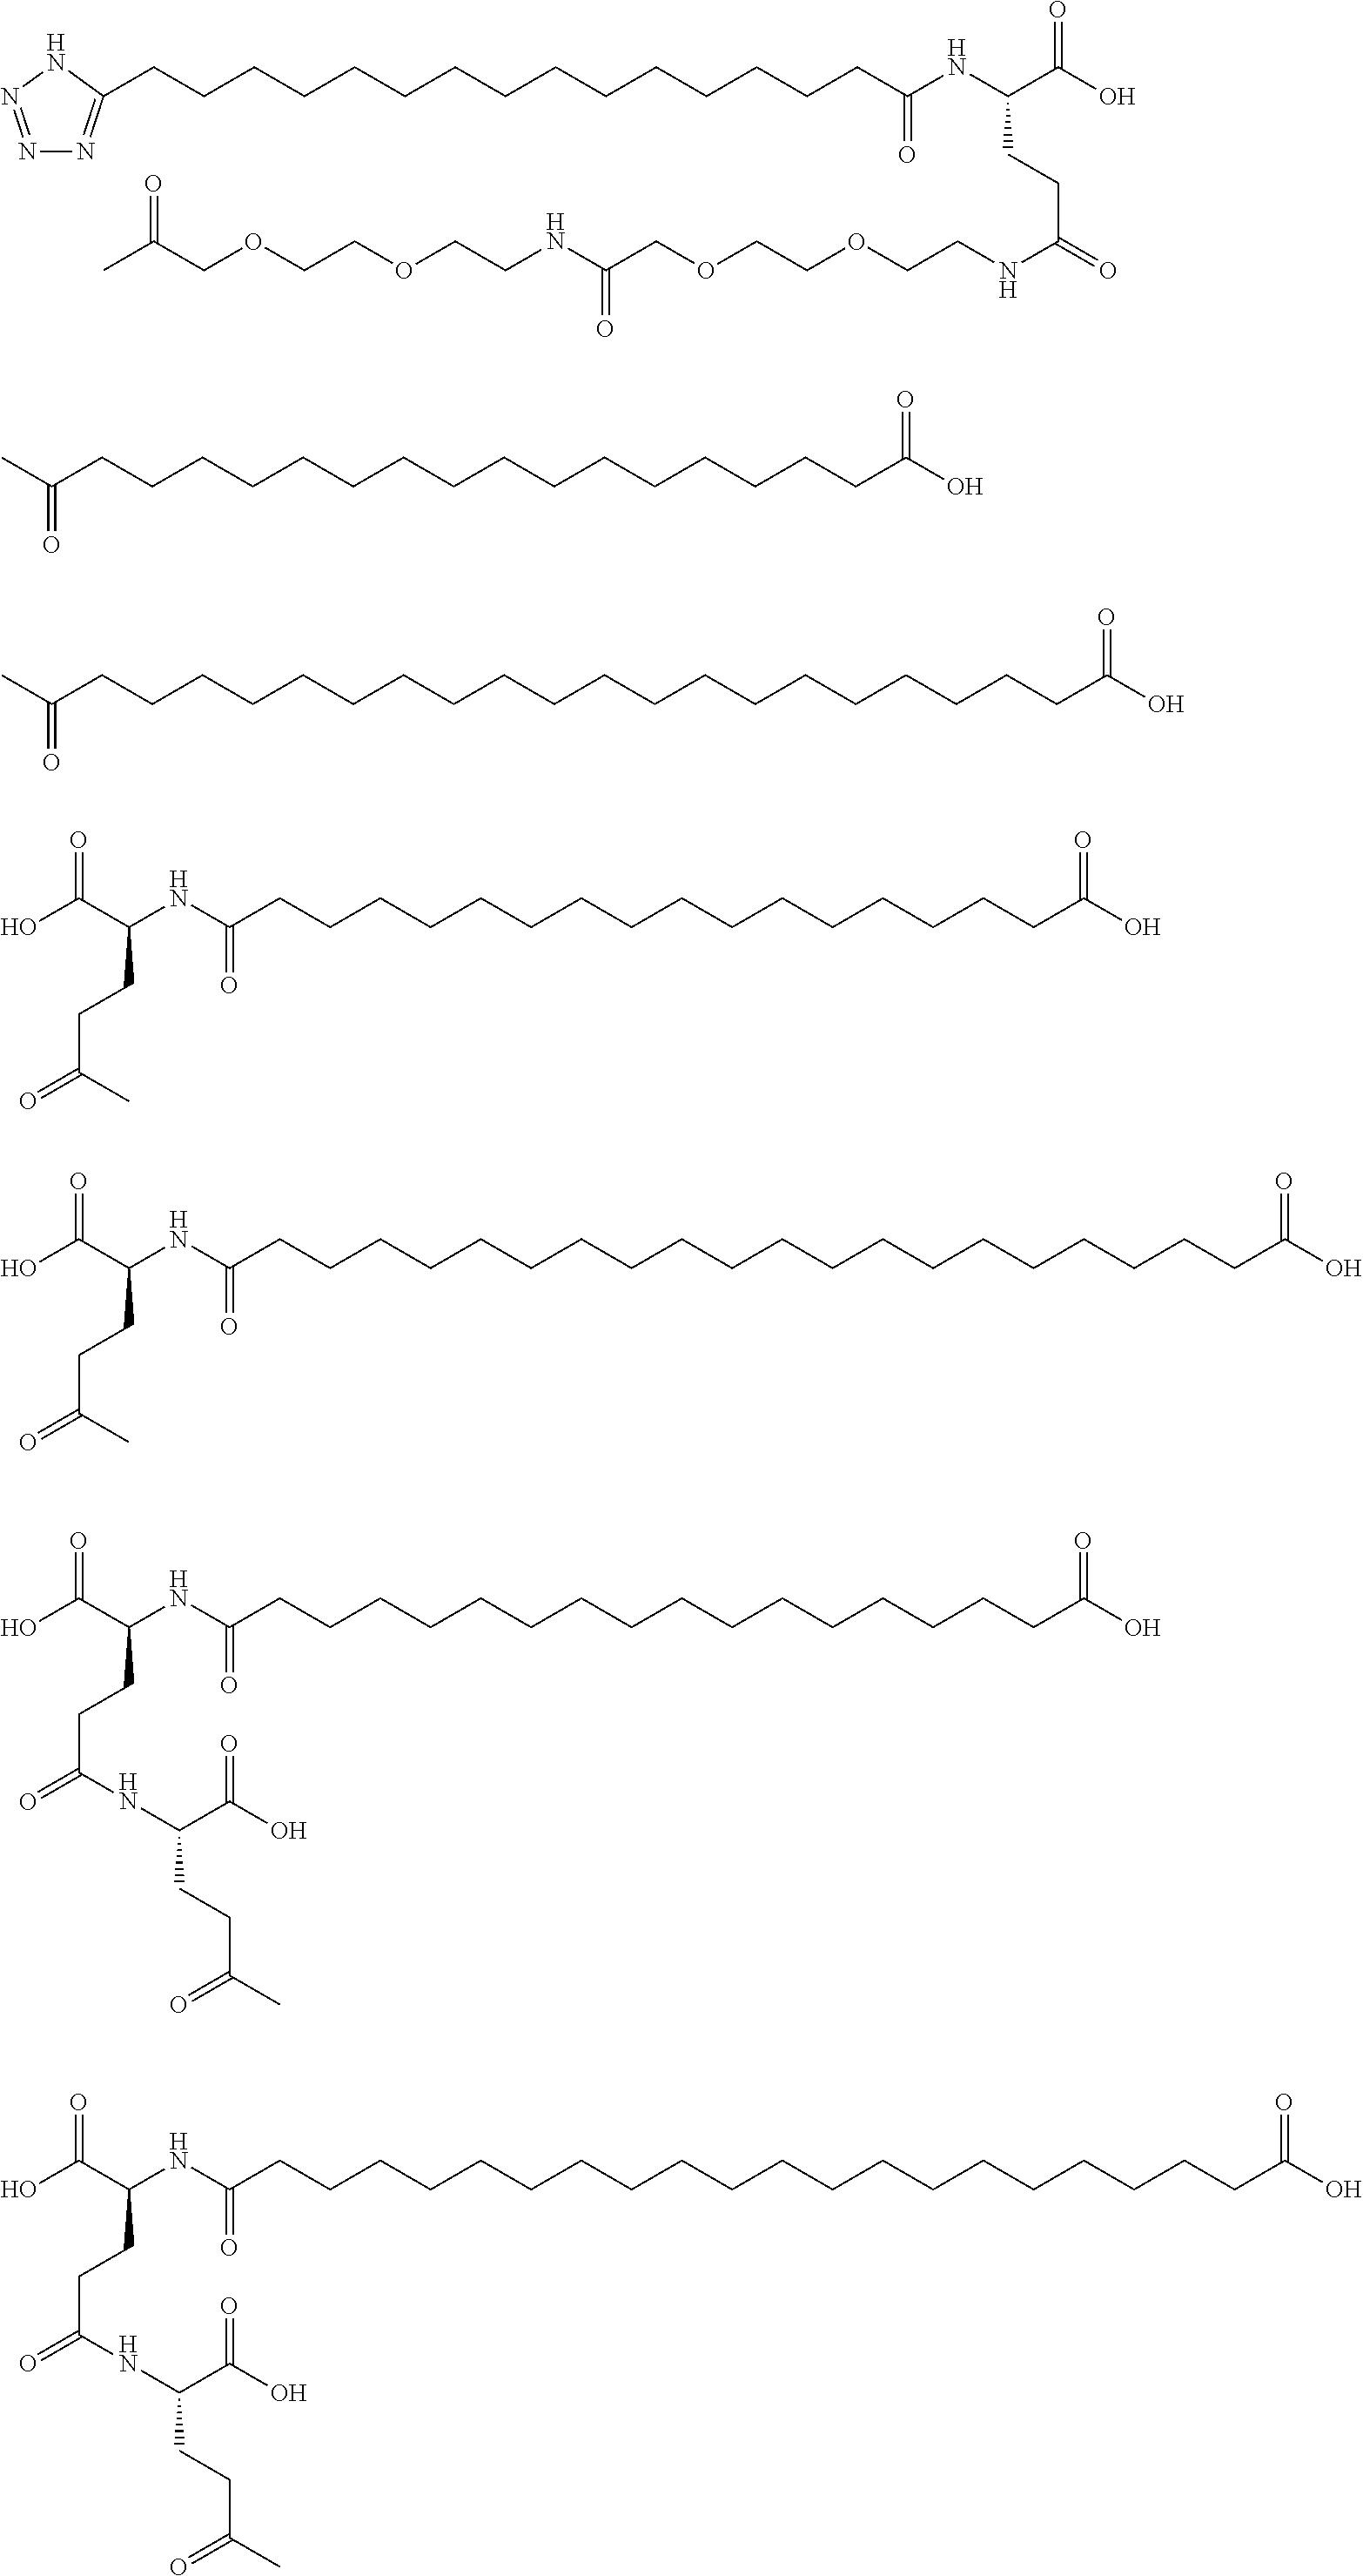 Figure US20180000742A1-20180104-C00015